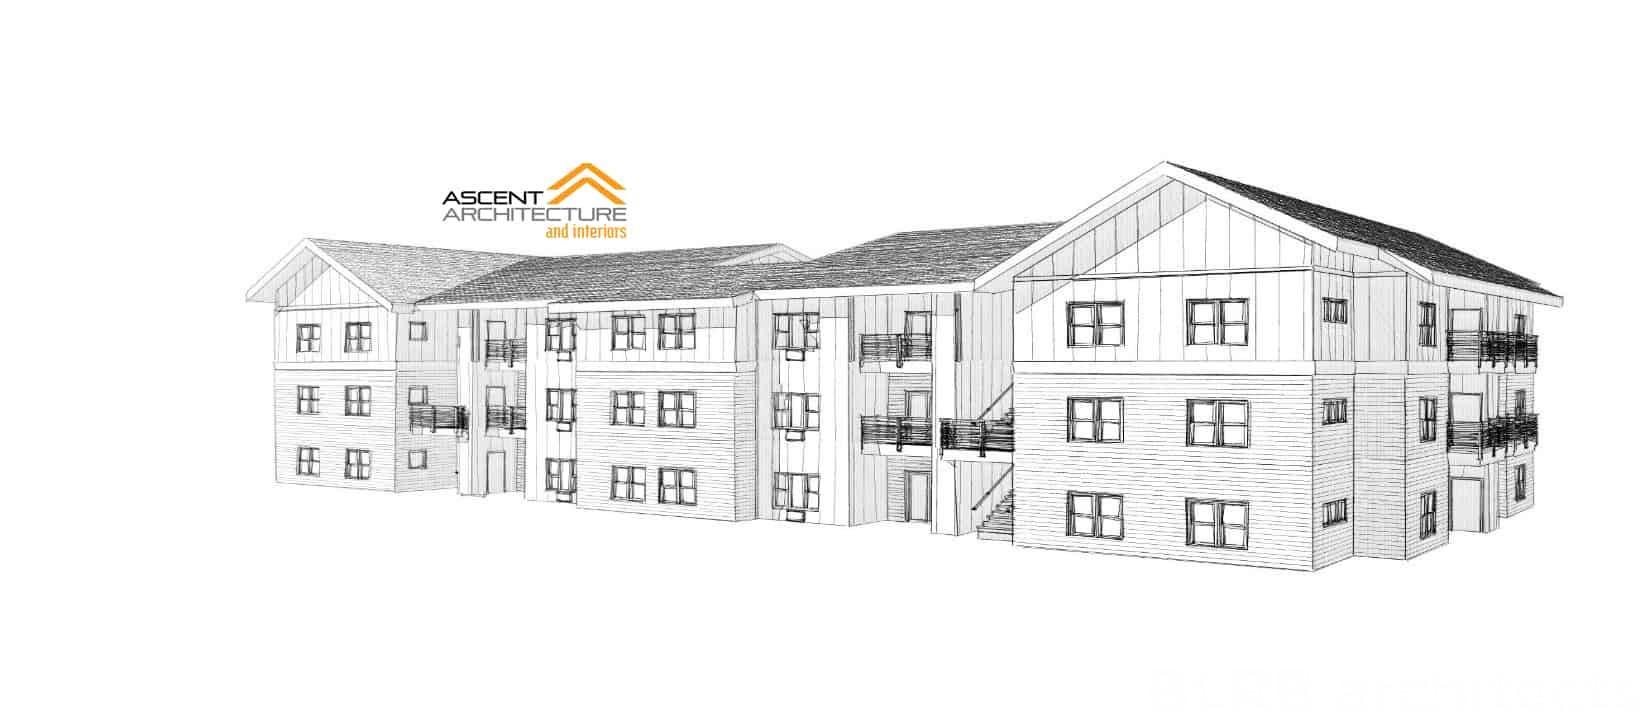 100 Unit Affordable Housing Apartment Complex